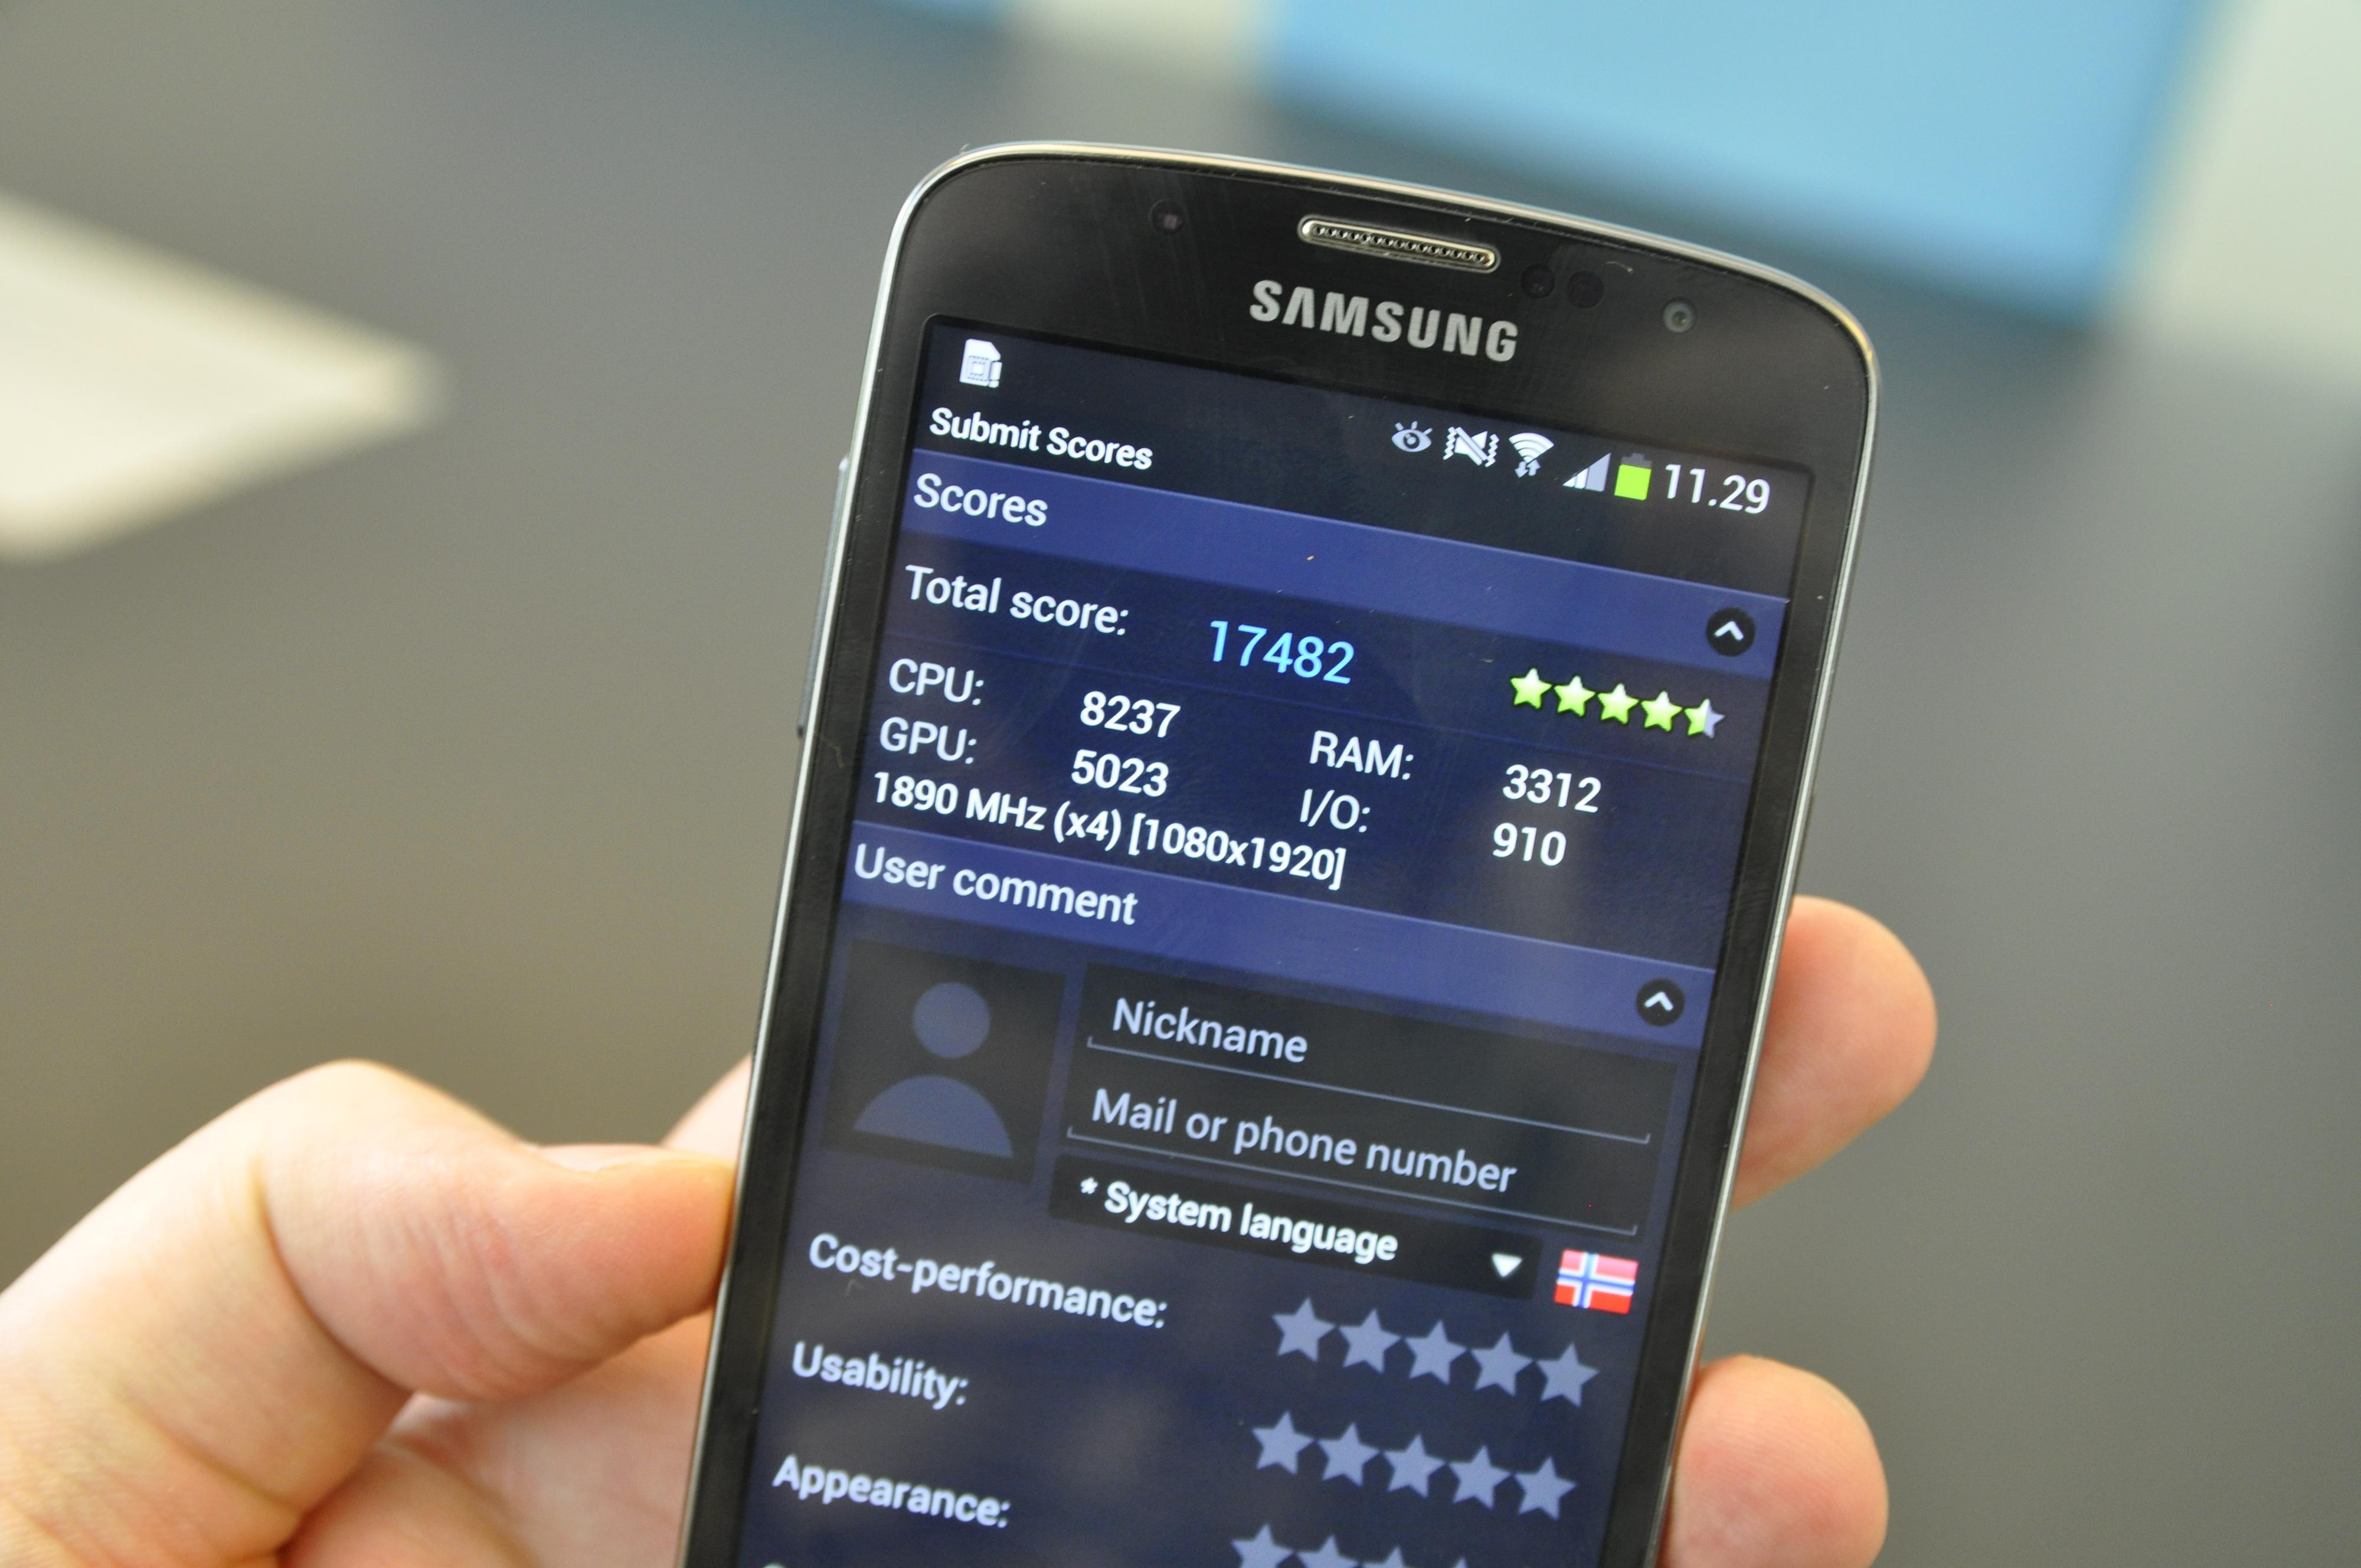 Galaxy S4 Active skåret greit i ytelsestesten AnTuTu da vi prøvde den. Etter all sannsynlighet vil tallene bli langt bedre så fort den har ferdig programvare.Foto: Finn Jarle Kvalheim, Amobil.no